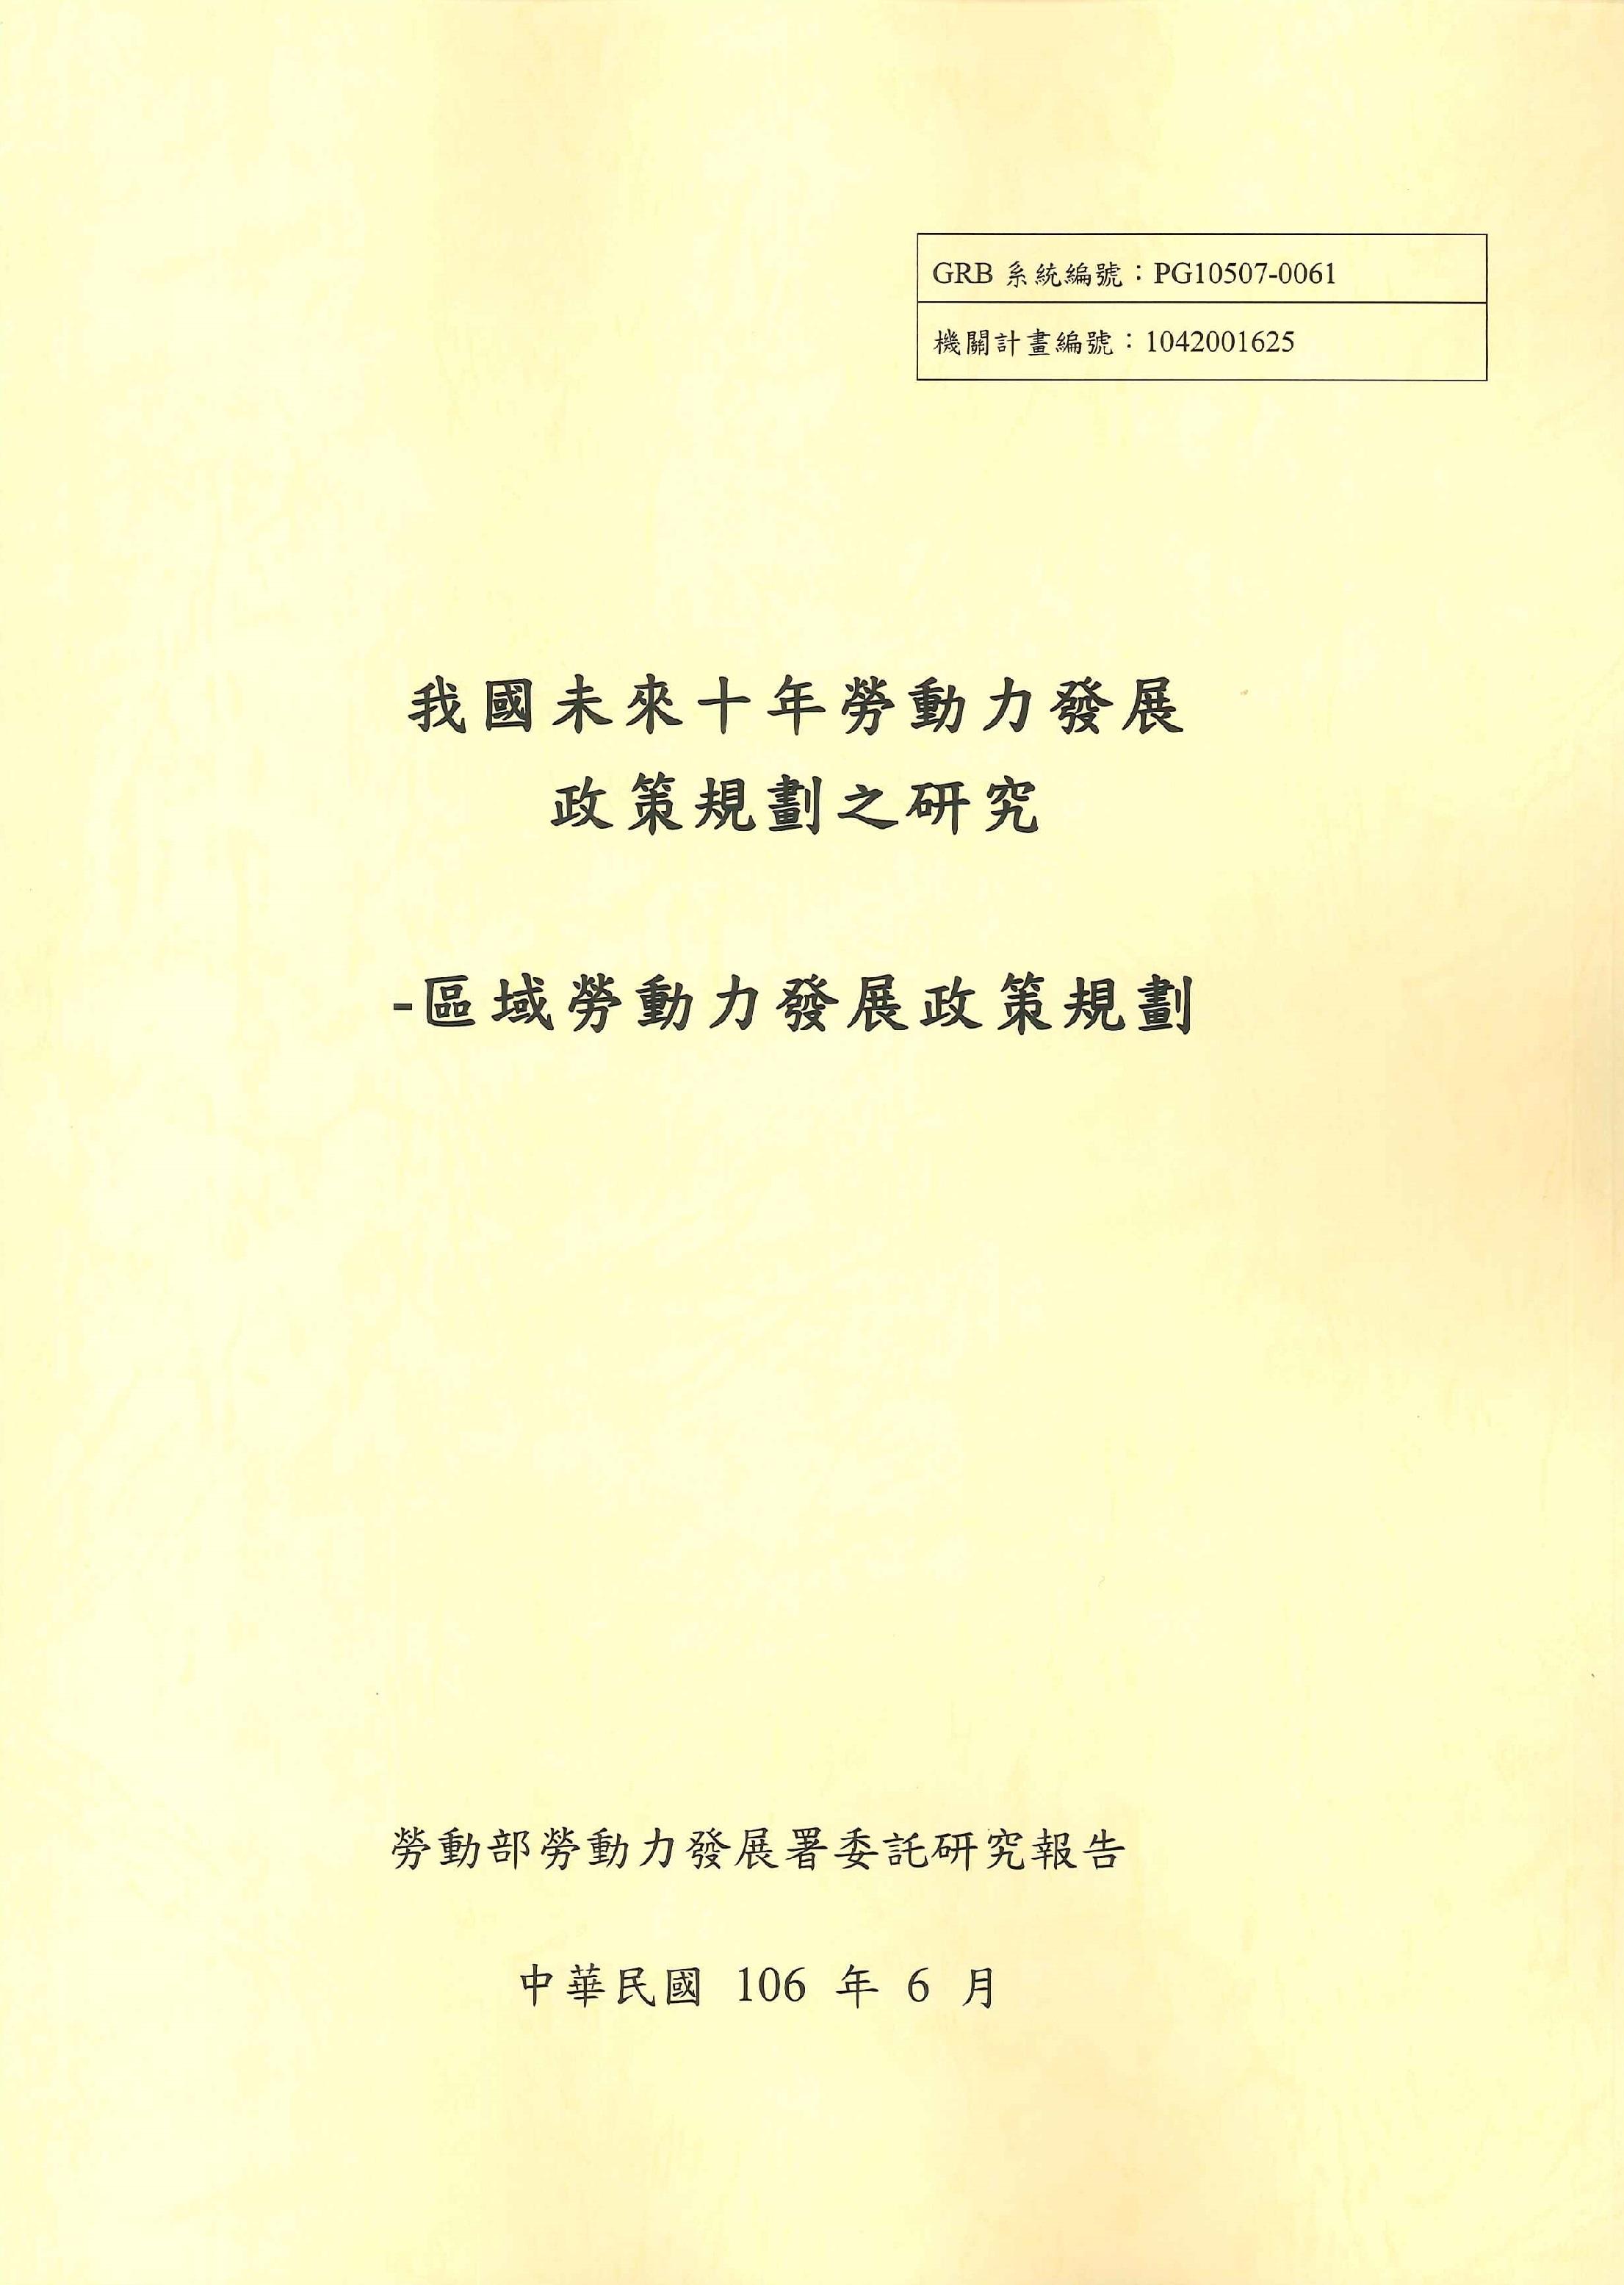 我國未來十年勞動力發展政策規劃之研究:區域勞動力發展政策規劃